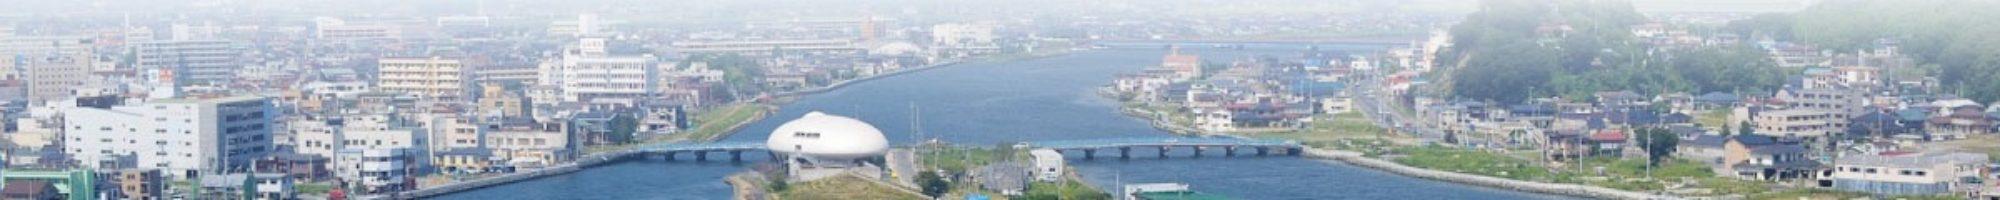 Ishinomaki Dream Factory